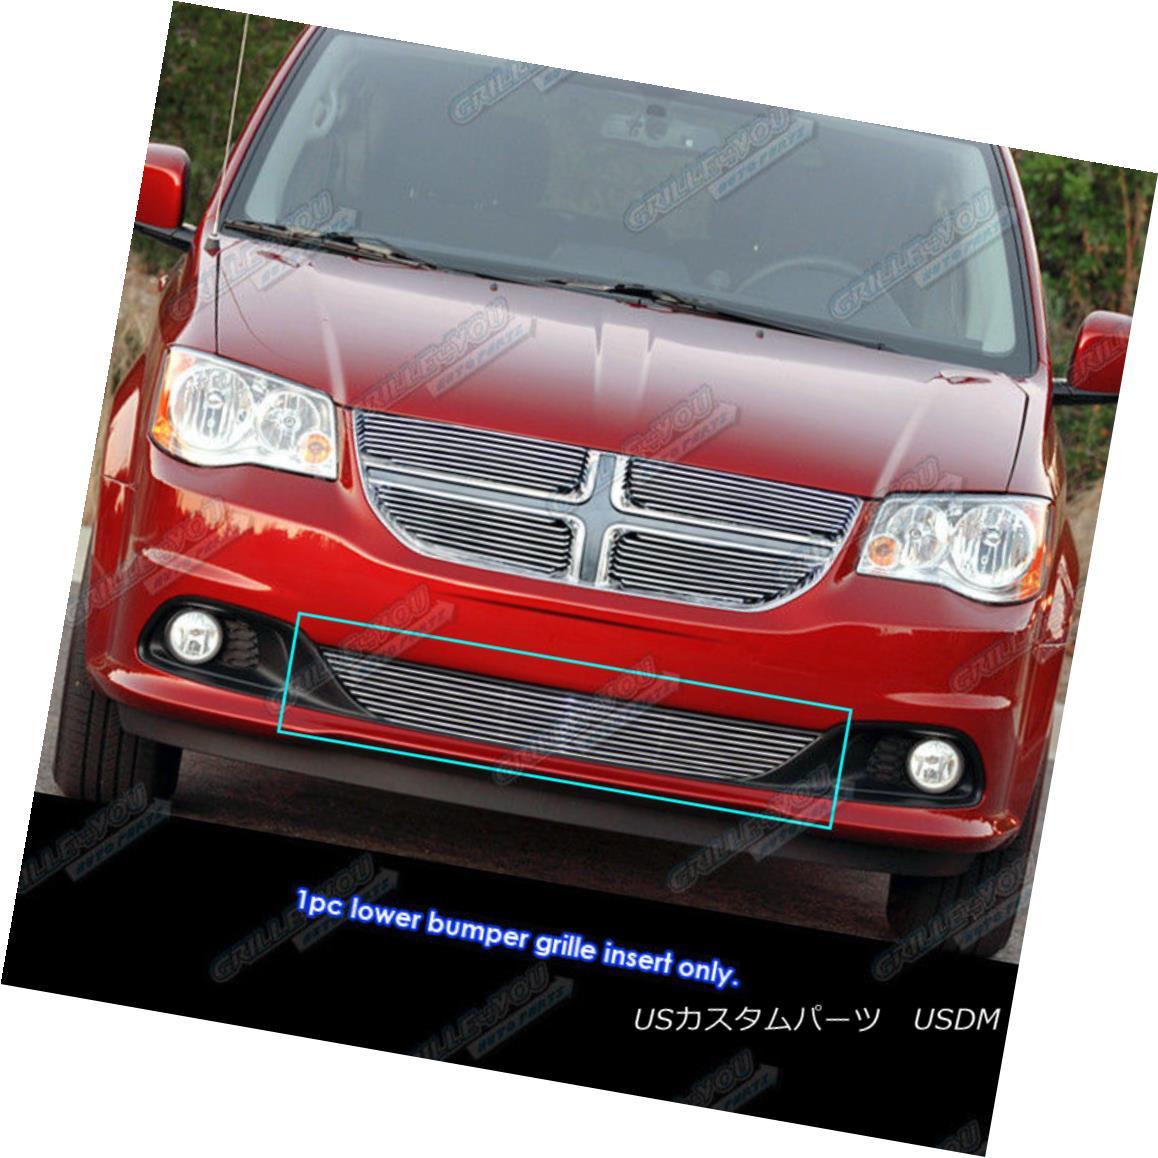 グリル Fits 2011-2017 Dodge Grand Caravan Bumper Billet Grille Insert フィット2011-2017ドッジグランドキャラバンバンパービレットグリルインサート